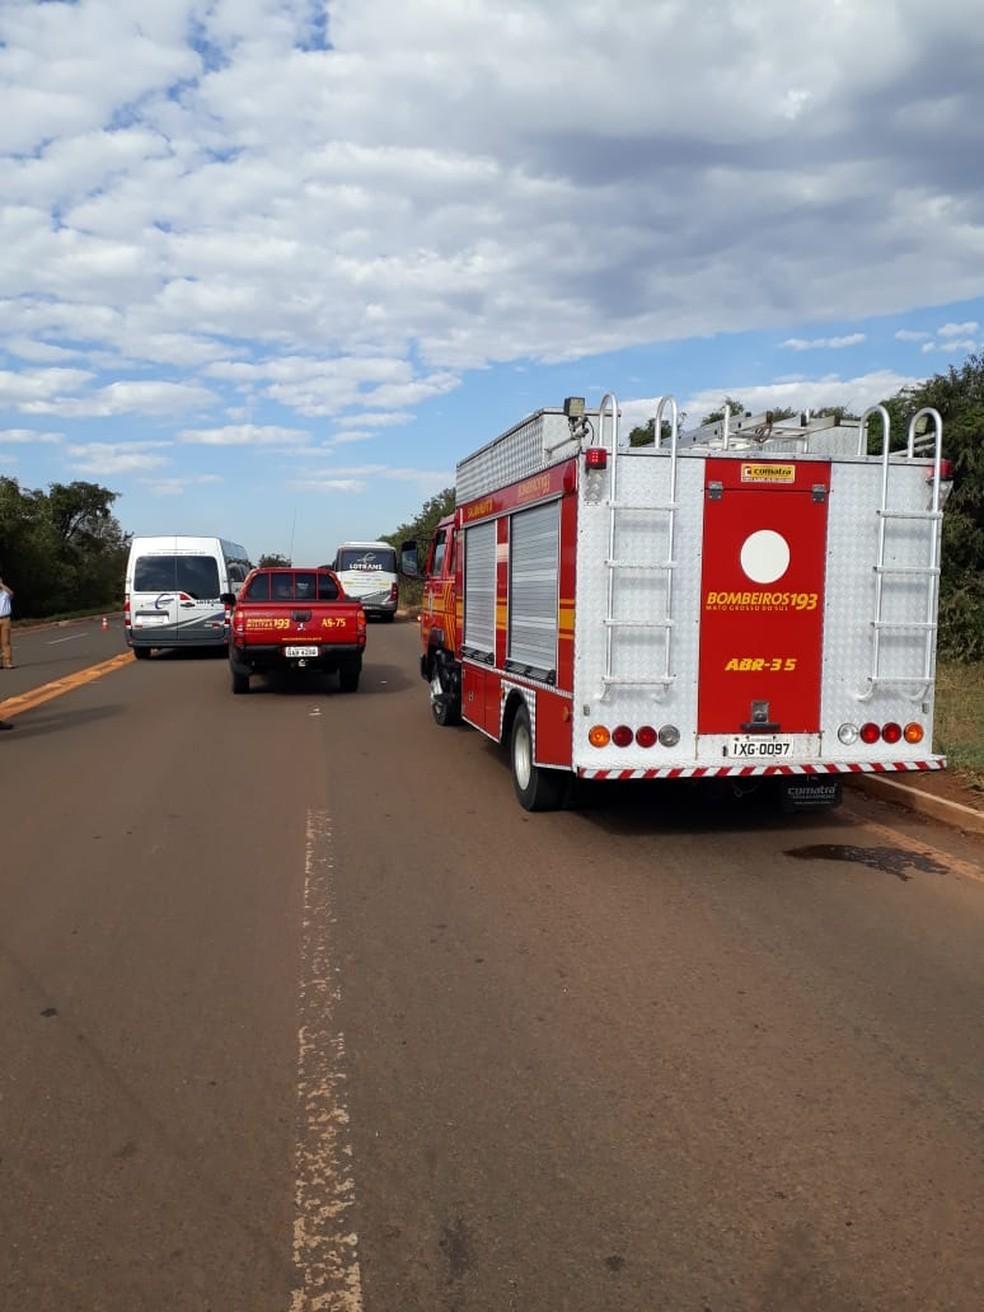 Uma passageira ficou em estado grave após colisão de ônibus com caminhão, em Três Lagoas (MS). — Foto: Divulgação/Corpo de Bombeiros